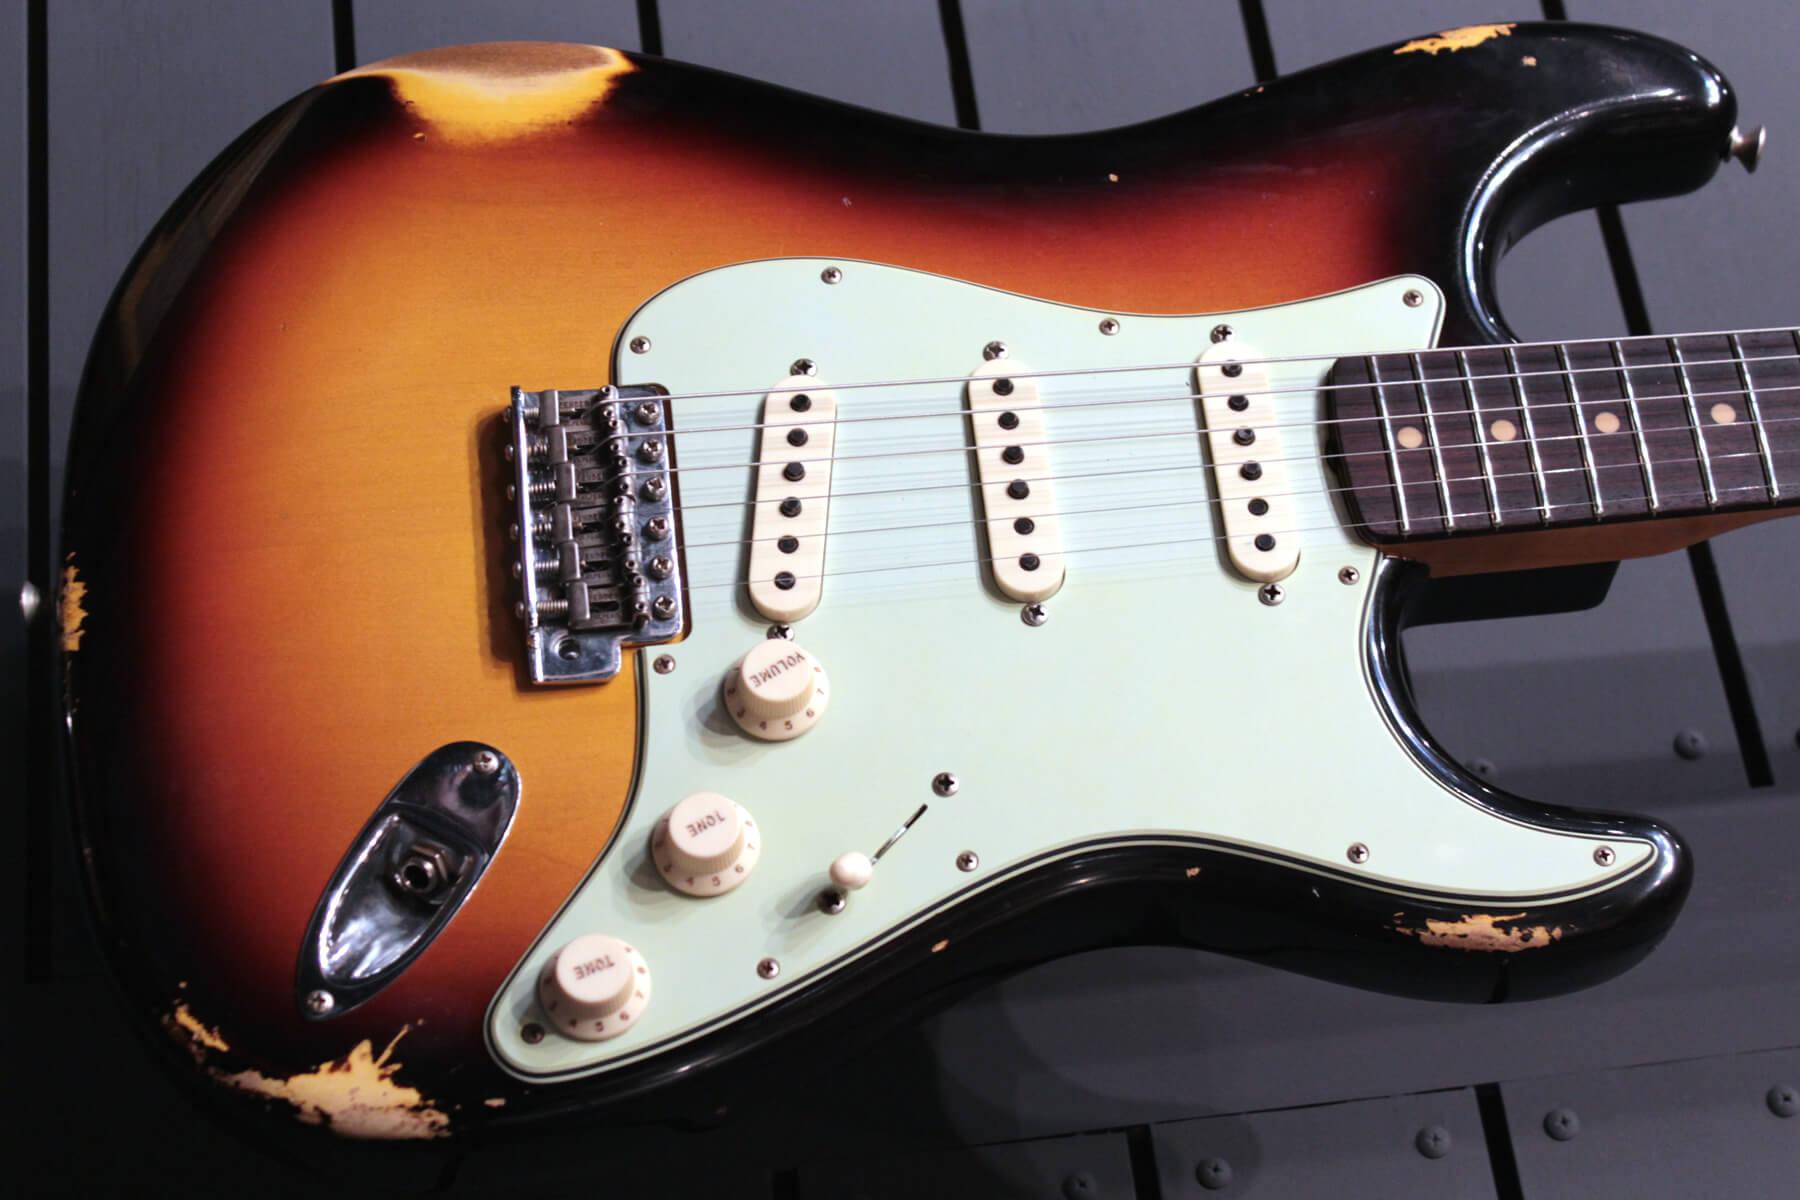 フェンダーカスタムショップ:62 Stratocaster Relic